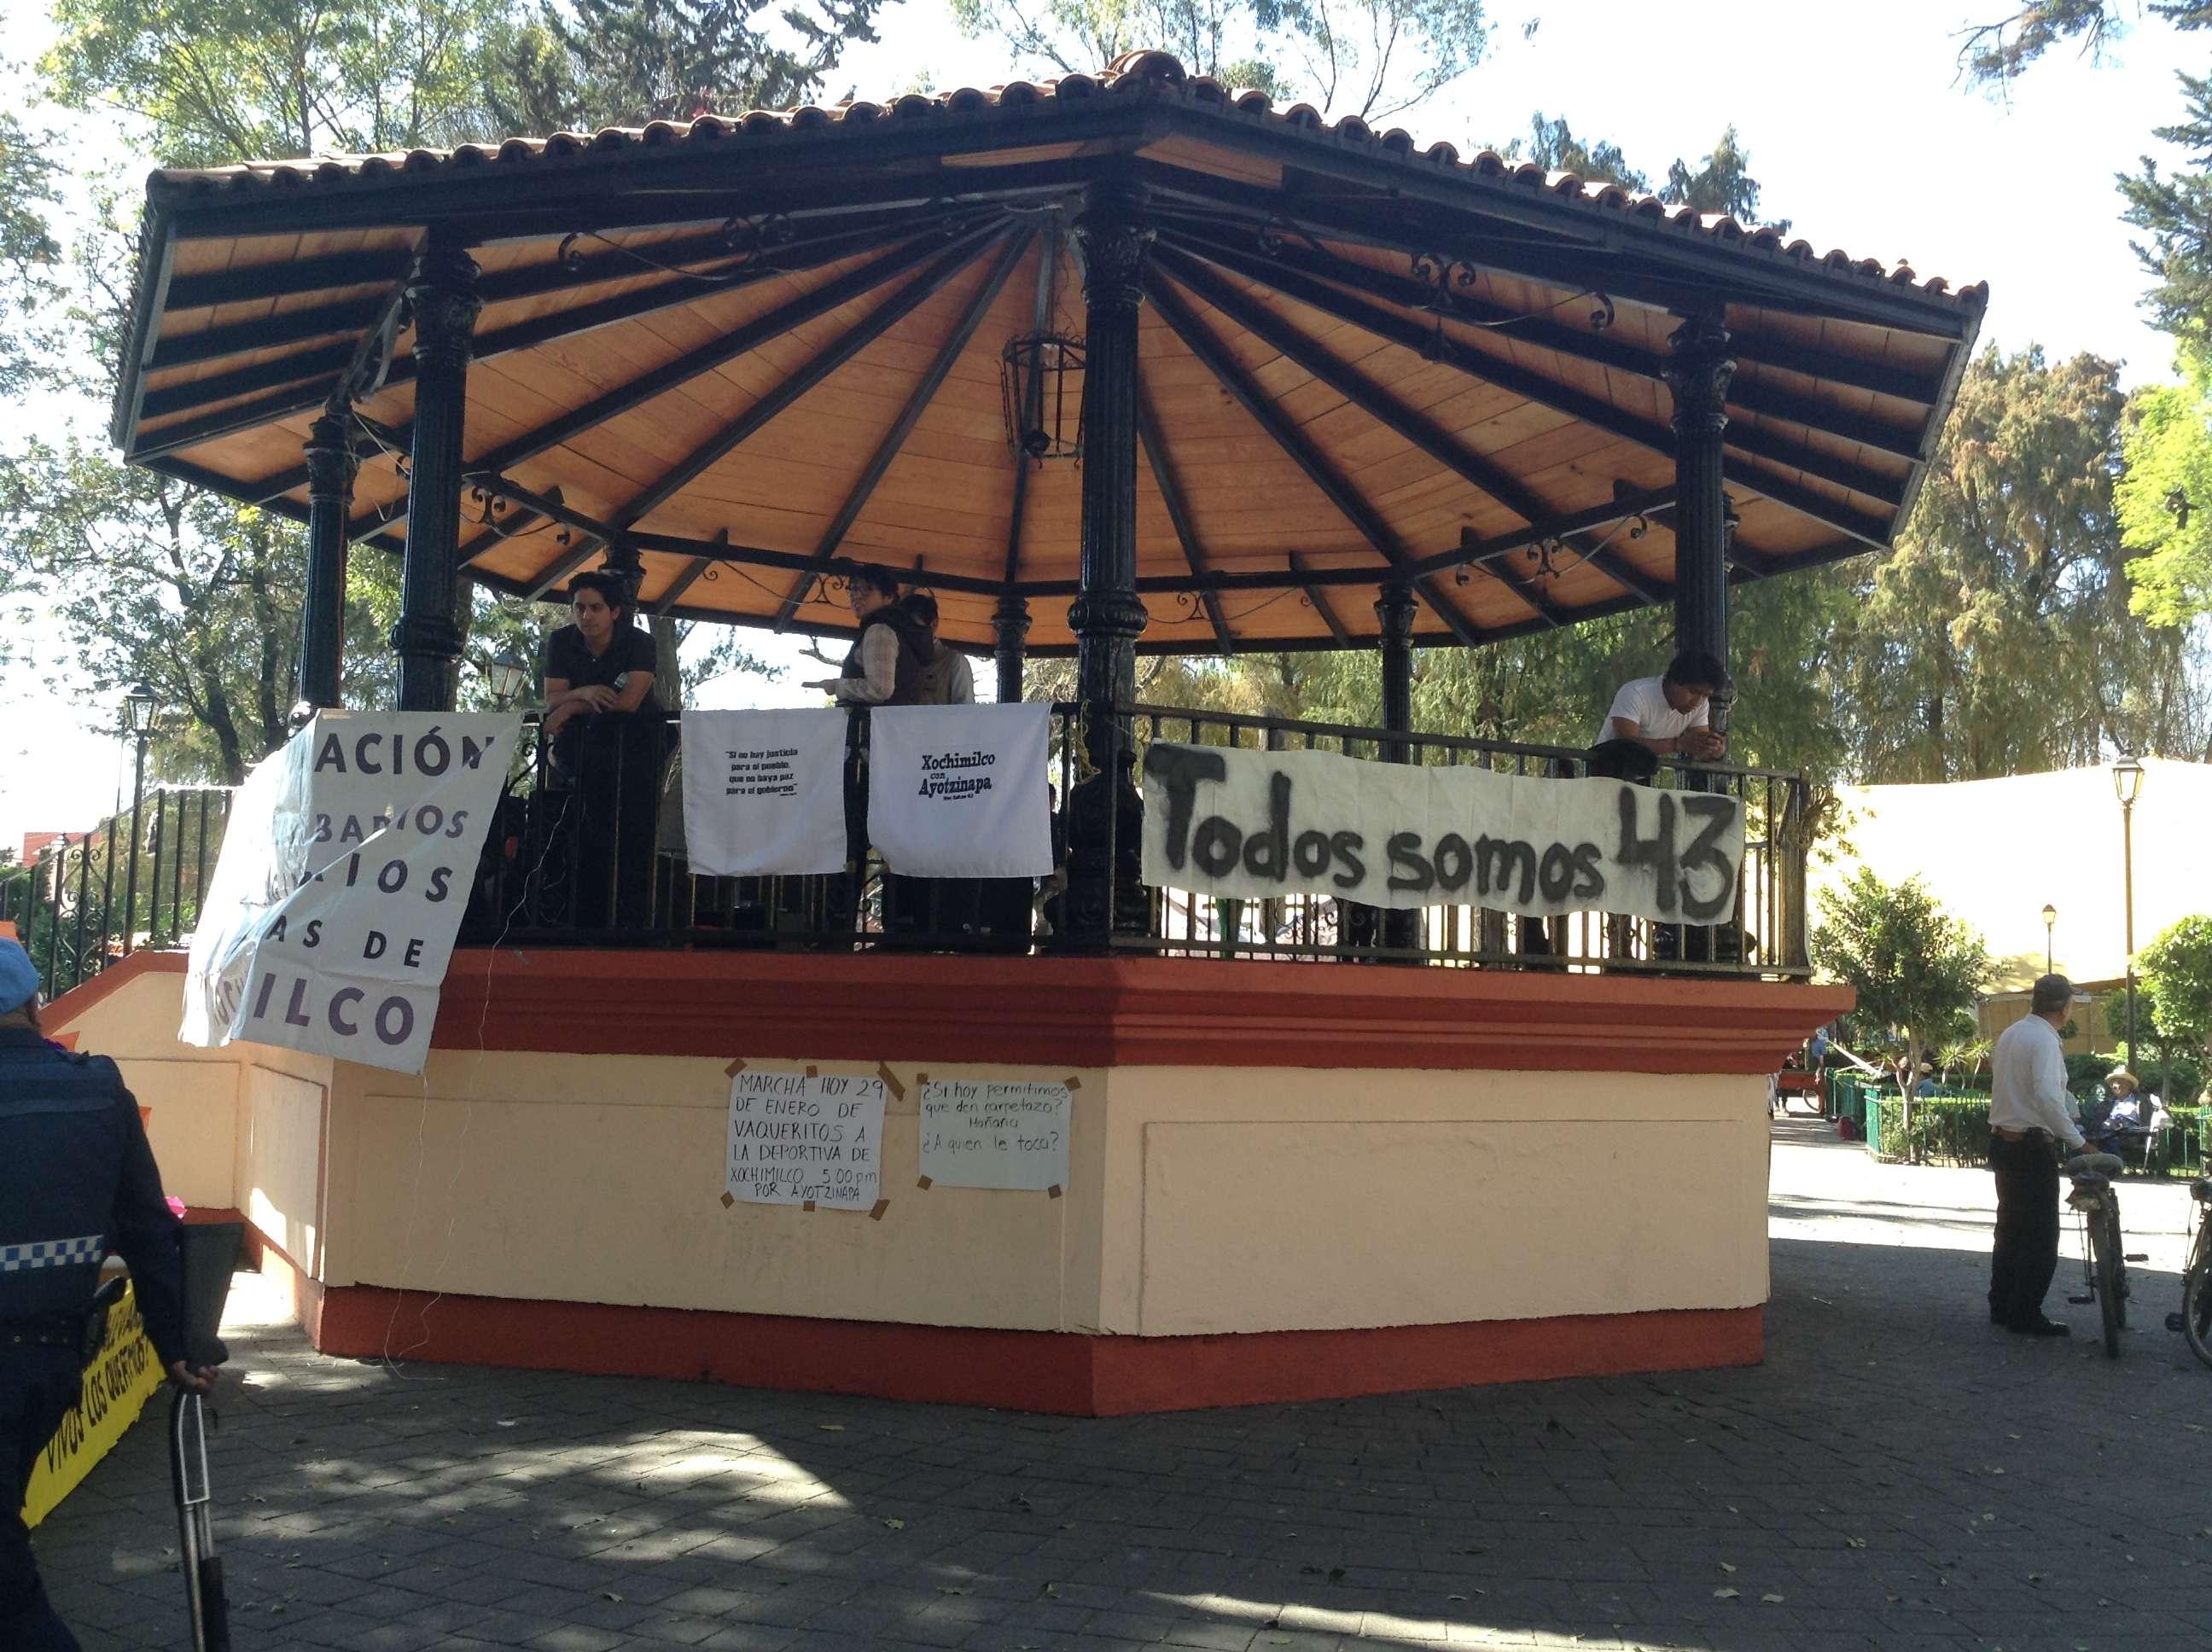 El Dr. Jorge Antonio Montemayor Aldrete, Investigador Titular del Instituto de Física de la UNAM dio una plática junto con normalistas y familiares de los 43 estudiantes desaparecidos en Ayotzinapa en el Kiosko del centro de Xochimilco a las 14:00 horas. Posteriormente se integró a la marcha de la Glorieta de Vaqueritos al Deportivo Xochimilco. Hace un mes, en conferencia de prensa, el investigador señaló que la presunta cremación de los 43 estudiantes normalistas de Ayotzinapa en el basurero de Cocula, Guerrero, es algo imposible. Foto: Verónica Ortiz Narváez/Terra México